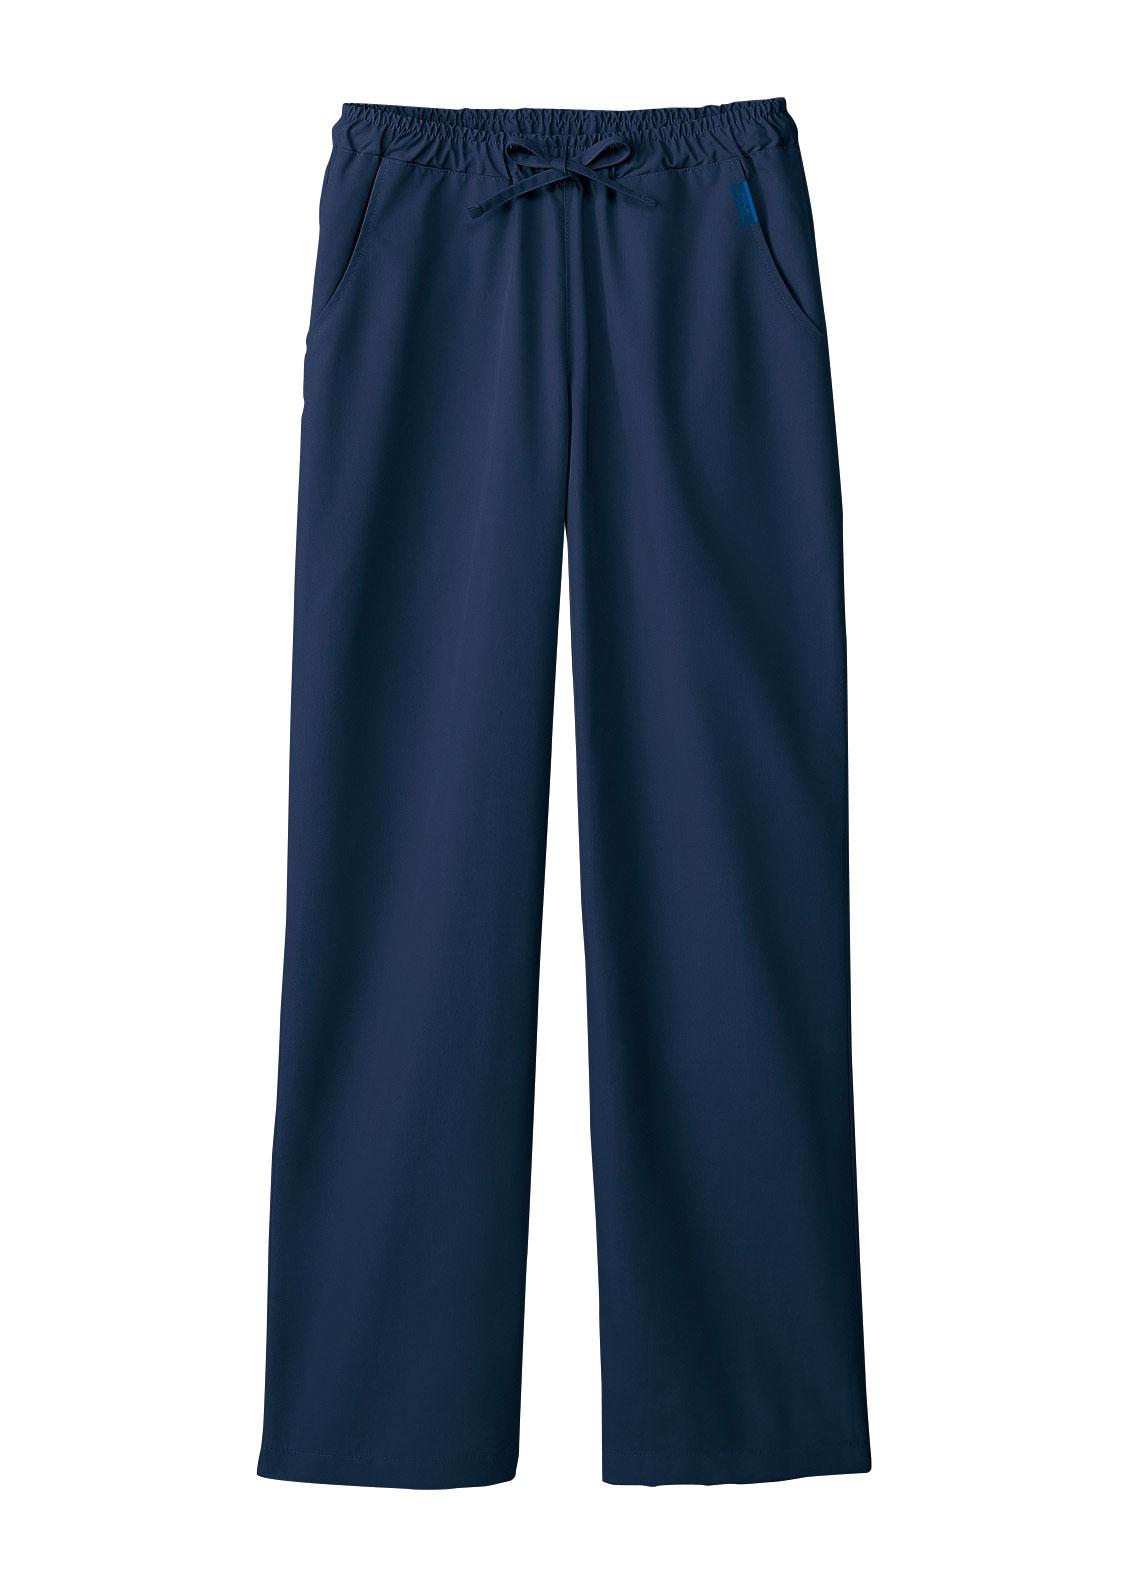 ジア・スクラブ パンツ(男女兼用)販売。刺繍、プリント加工対応します。研修医、医療チームウェアに人気